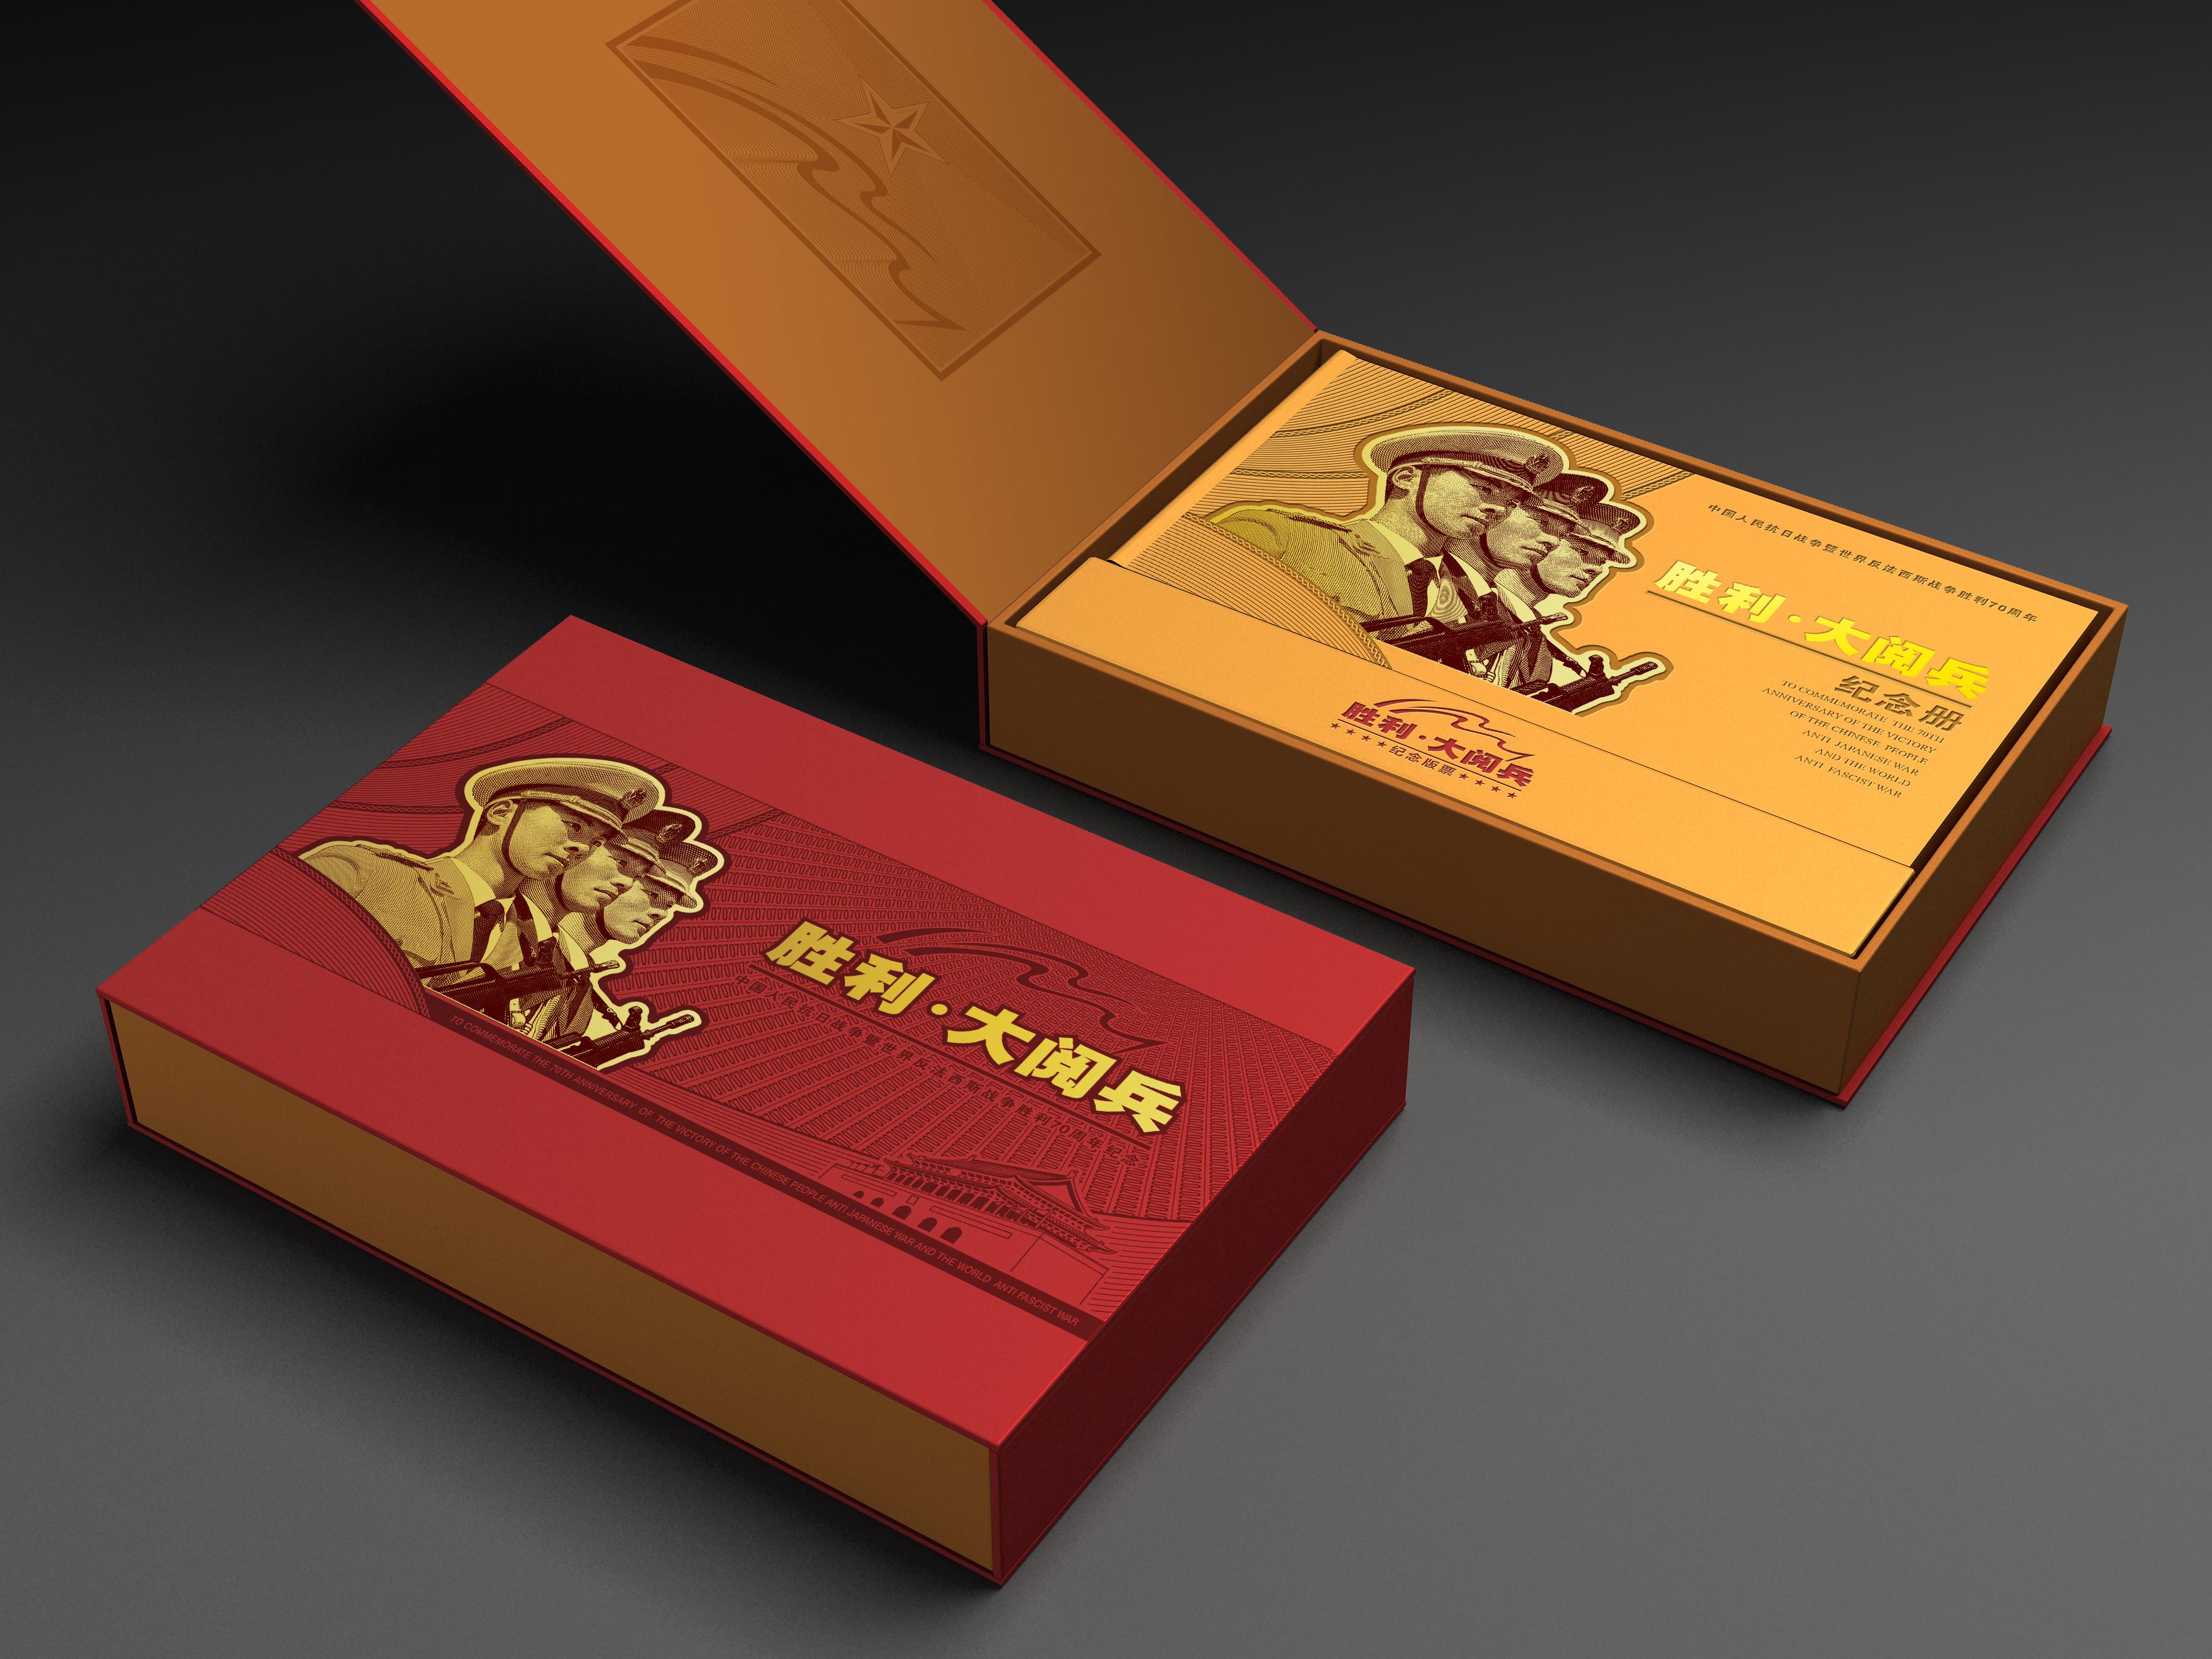 贵金属设计 包装设计 产品设计 礼品包装图片